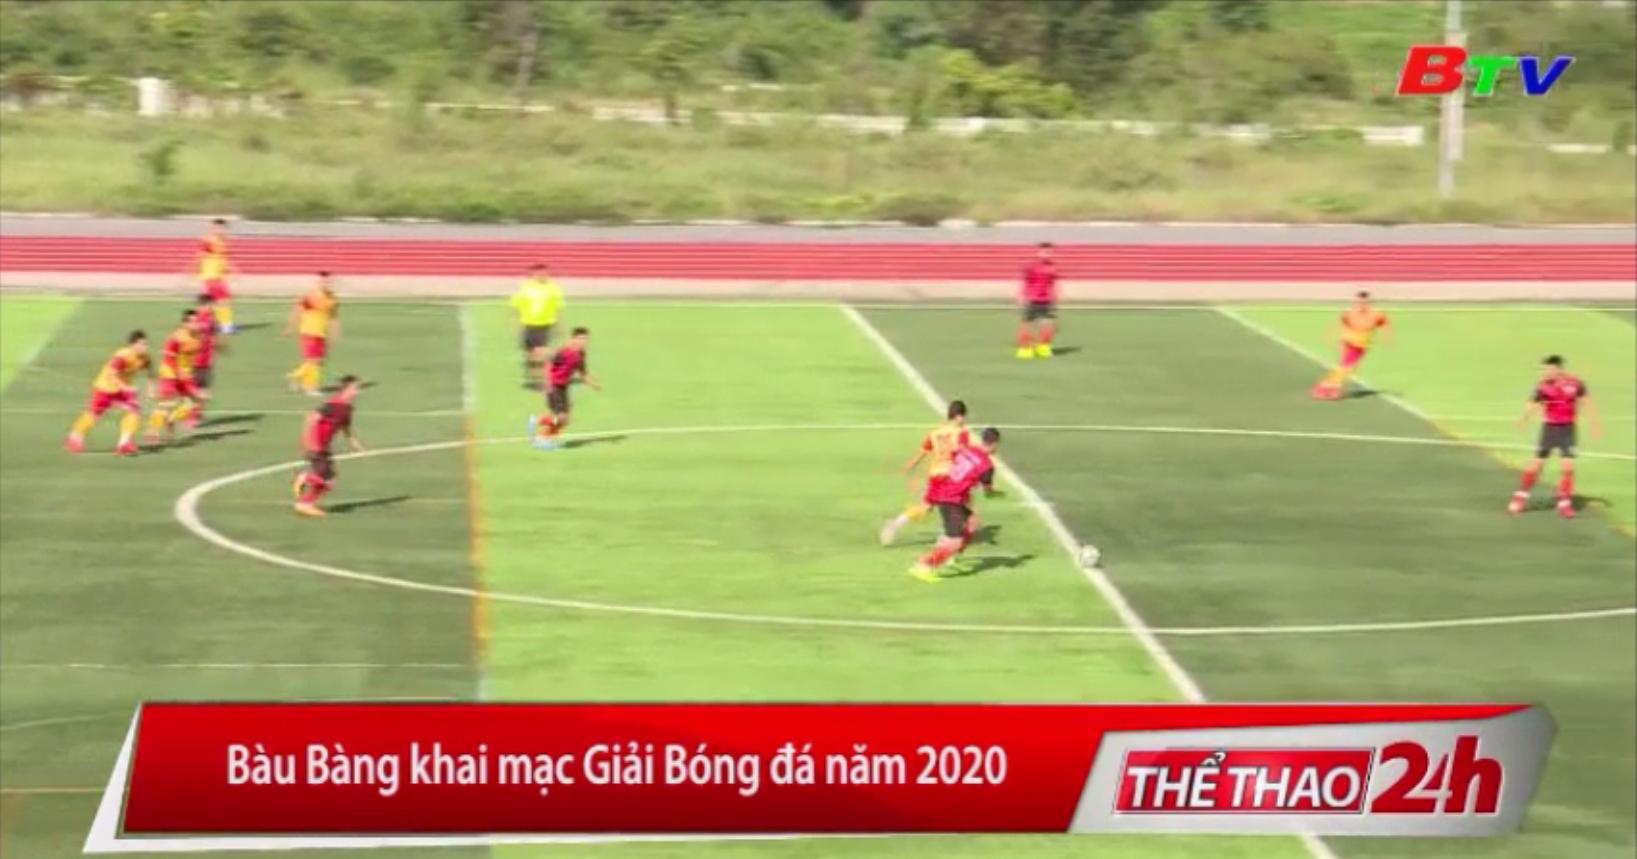 Bàu Bàng khai mạc Giải Bóng đá năm 2020